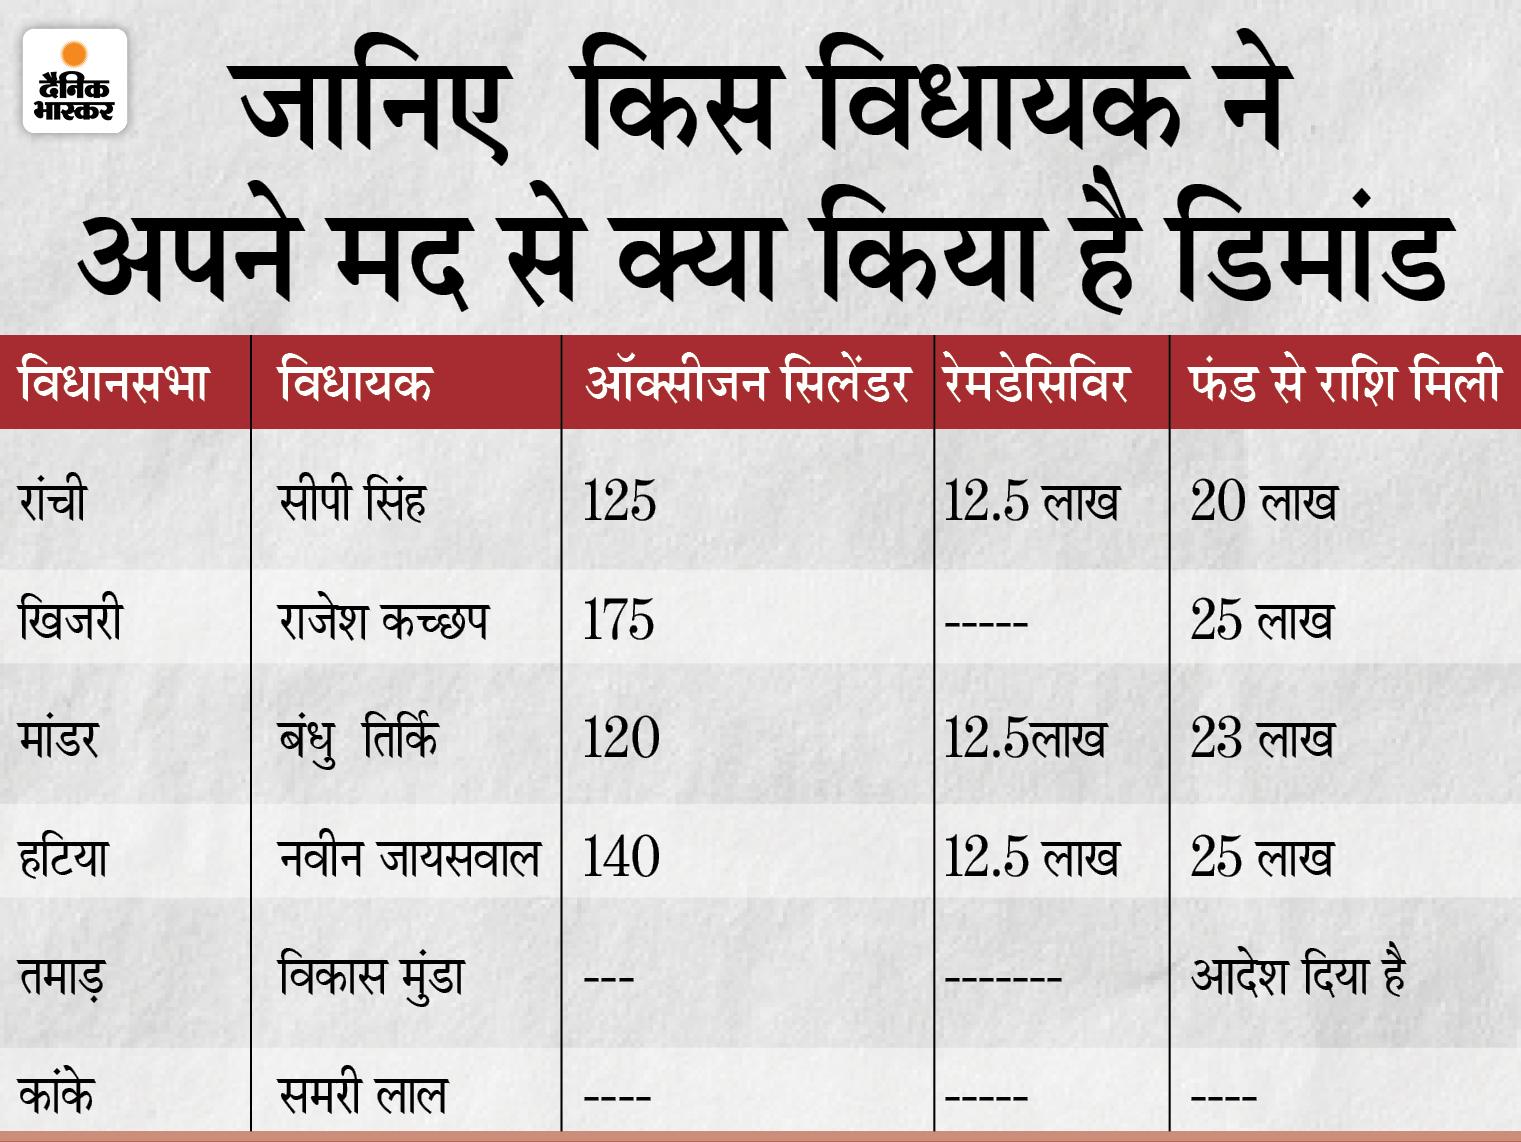 विधायक फंड से रांची में खरीदे जाएंगे 560 ऑक्सीजन सिलेंडर, 36.5 लाख रुपए से रेमडेसिविर की होगी खरीदारी;ऑर्डर दिया गया|रांची,Ranchi - Dainik Bhaskar